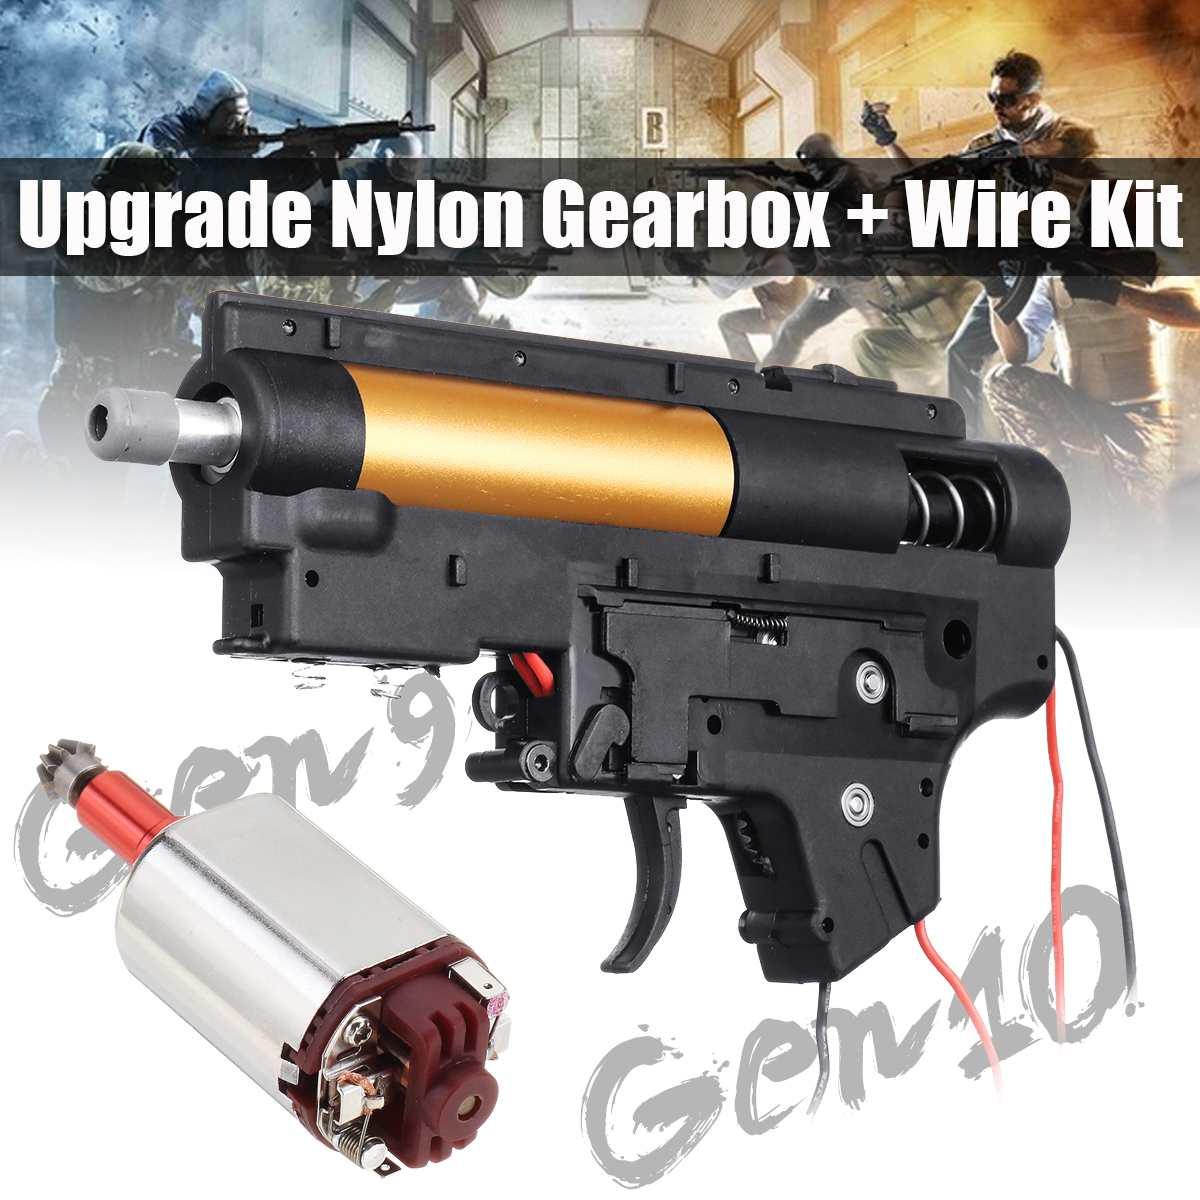 Mise à niveau boîte de vitesses en Nylon + Kit de fil pour JinMing Gen9 Gen 10 jeu boule de Gel d'eau blaster jouets pistolets accessoires de remplacement